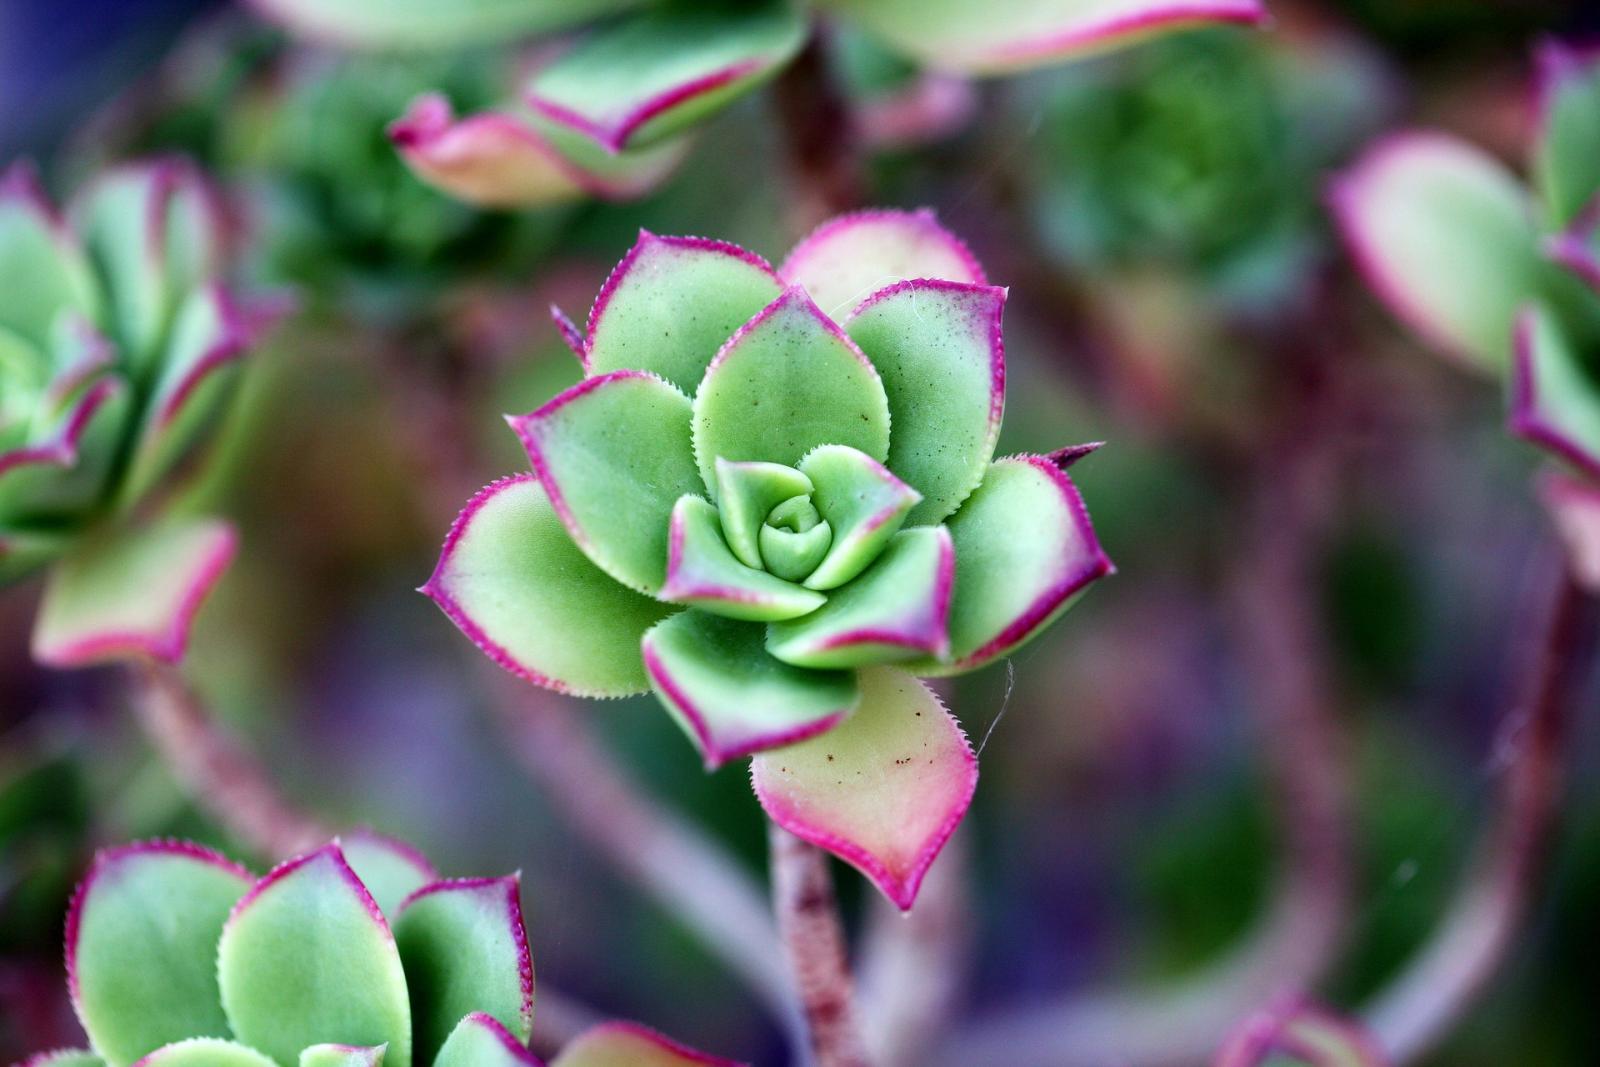 a-fleshy-plant-1465050_1920